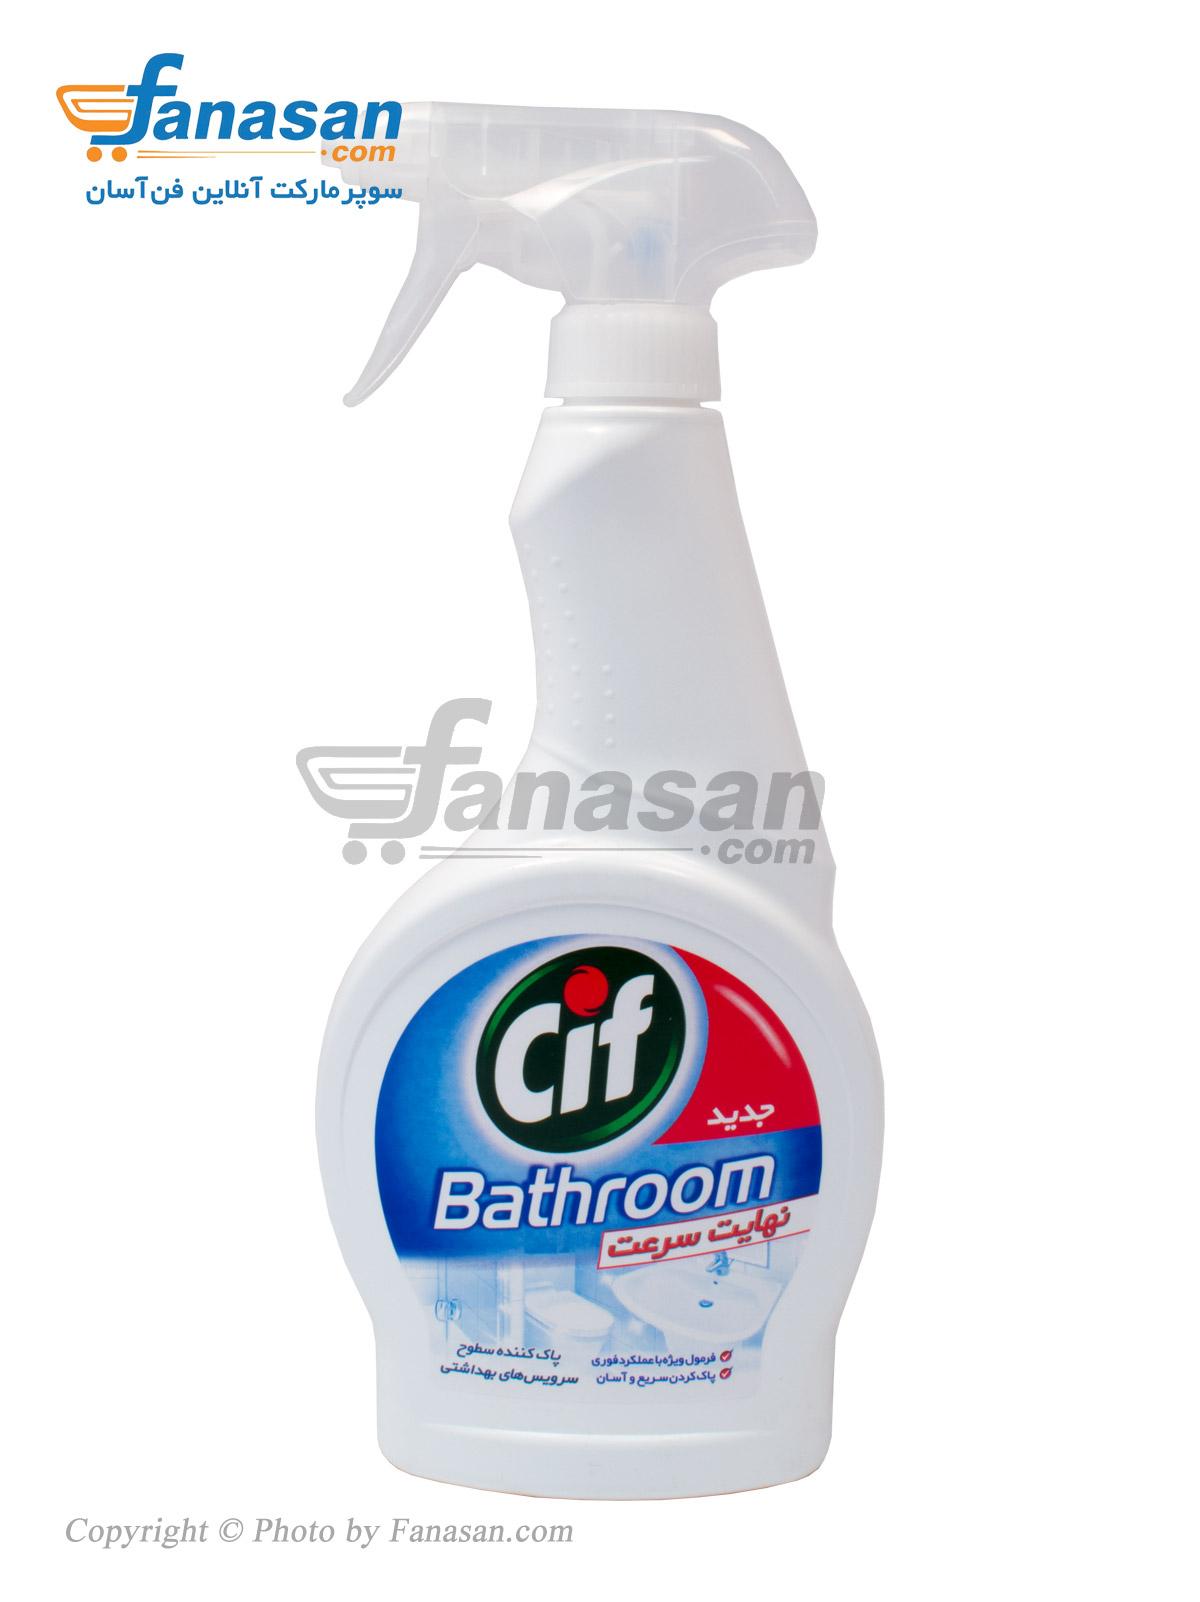 پاک کننده سیف اسپری تمیز کننده سطوح حمام و دستشویی 500 گرم